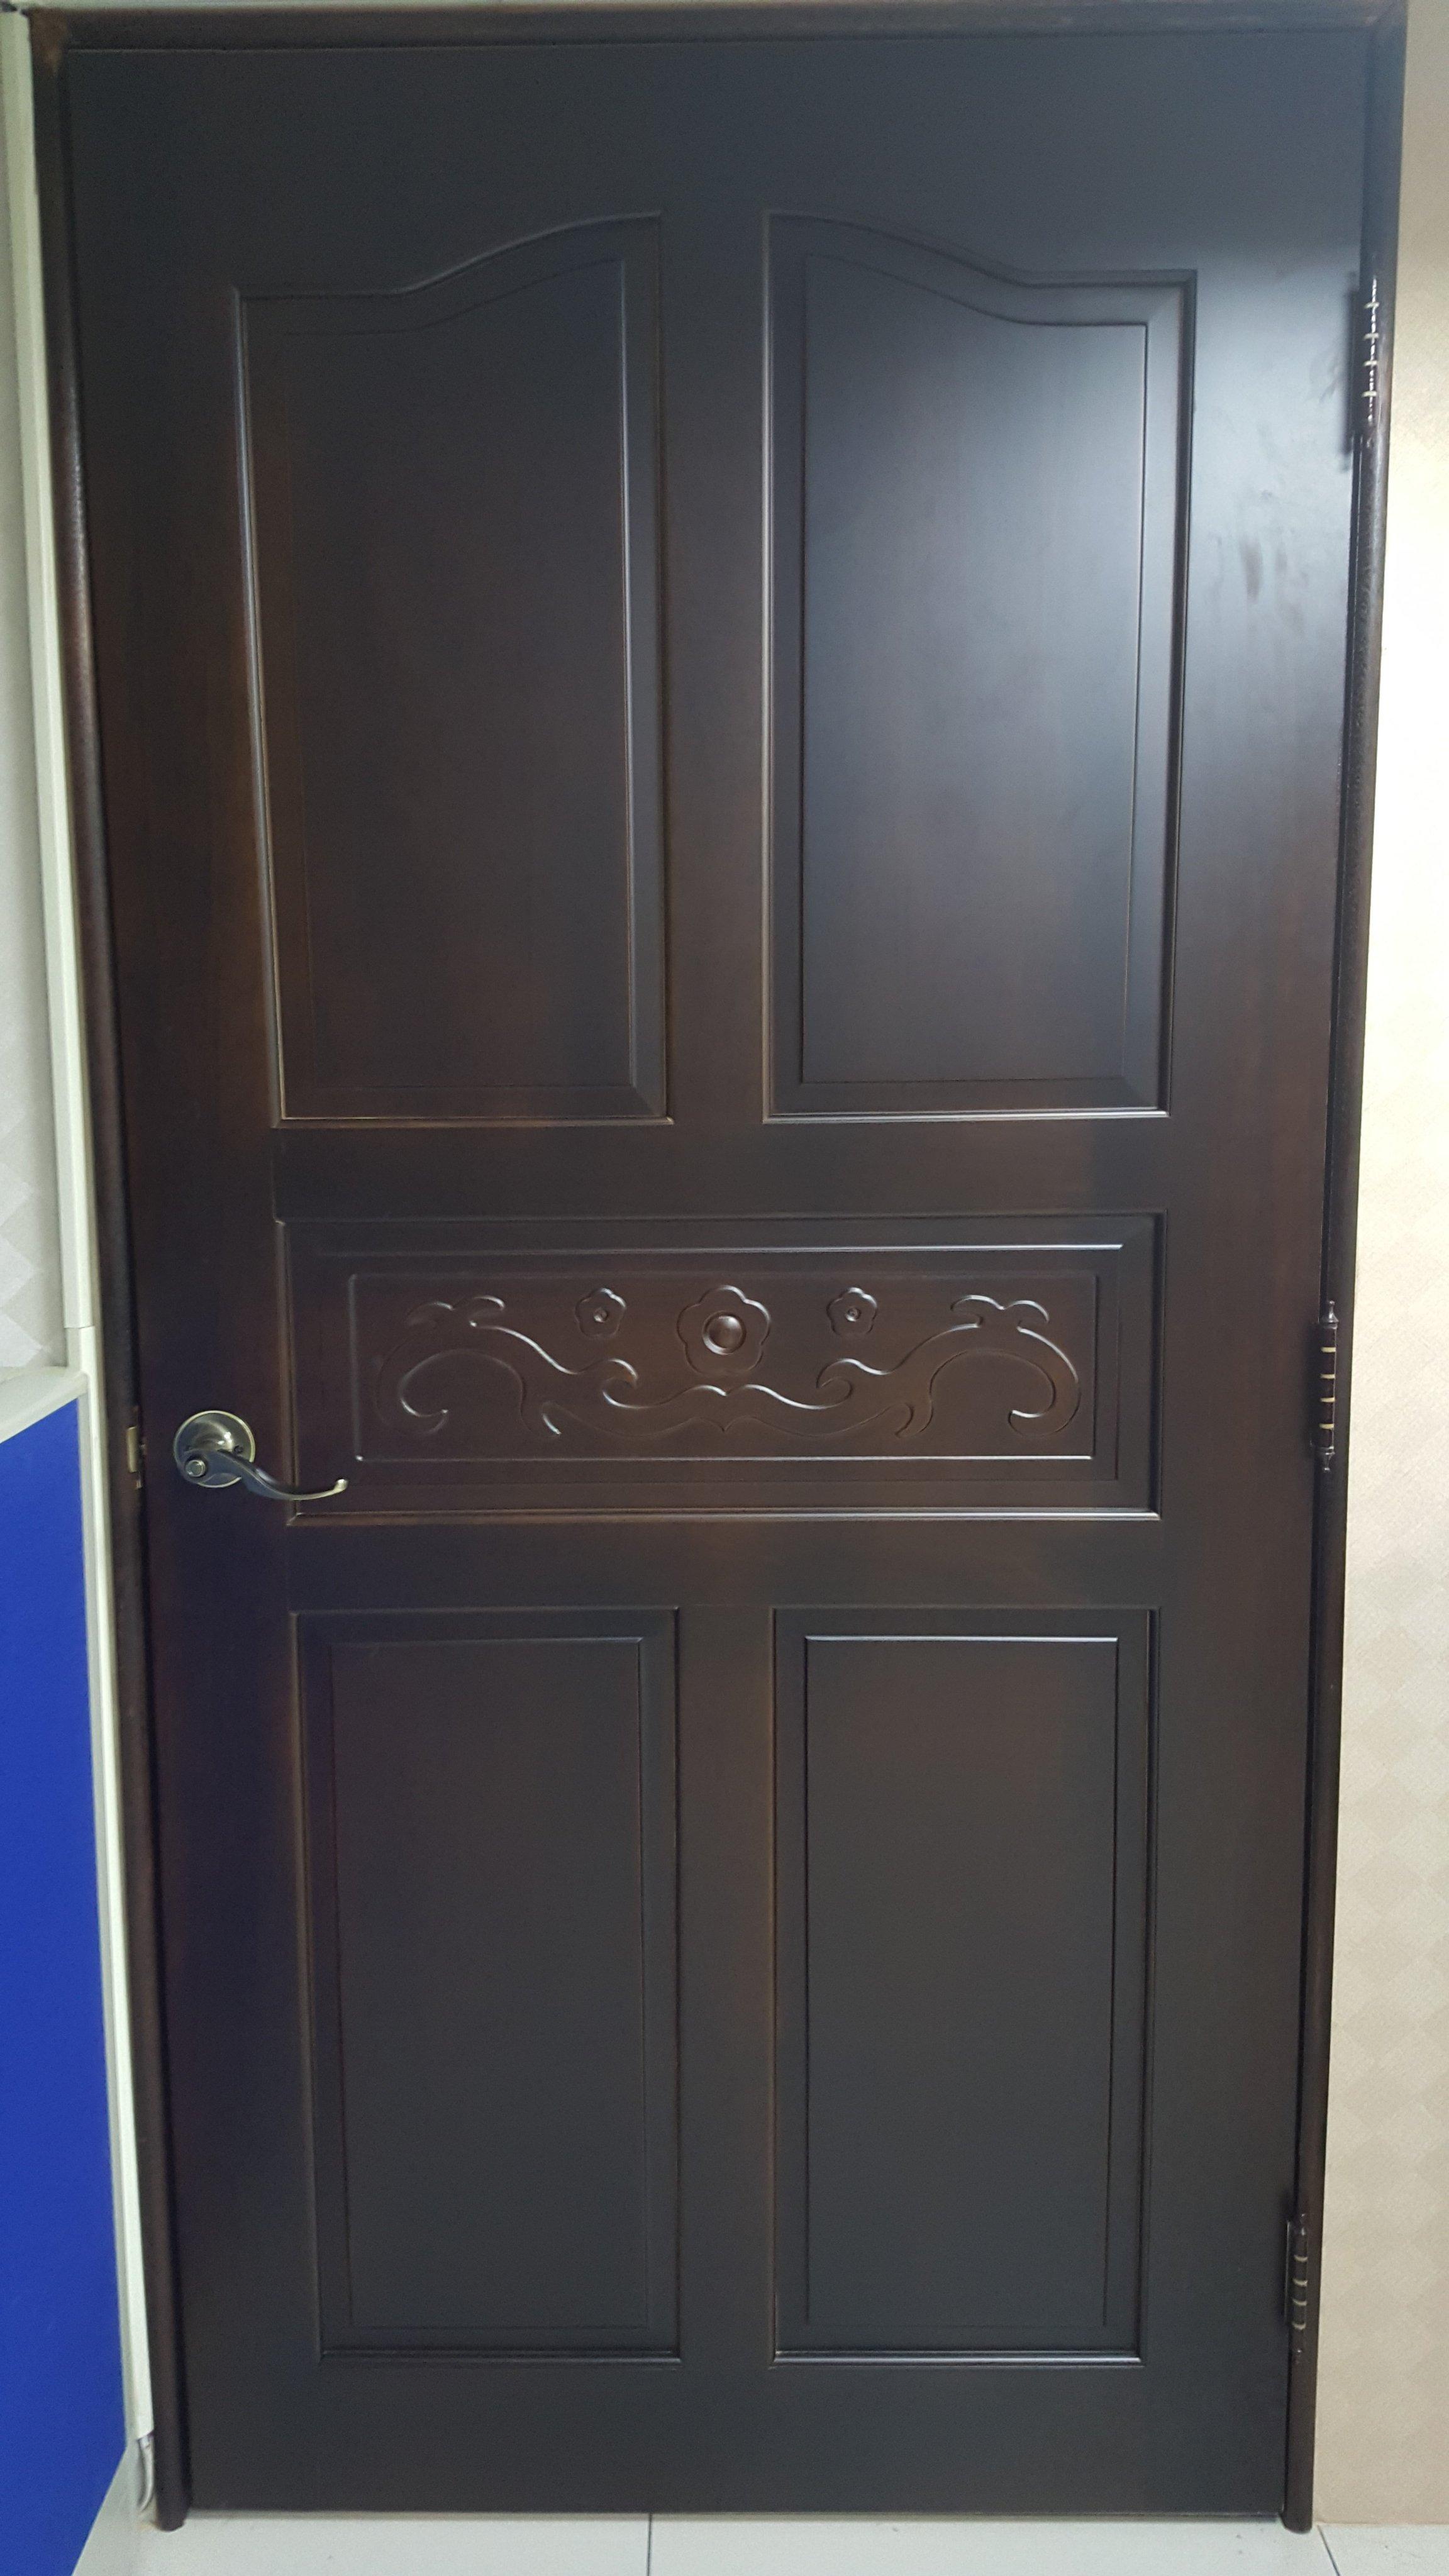 實木門板/ 實木門片/ 門板 /房間門/木門拉門/ 隔間門/和室門 (中古二手售)含門把及鑰匙*2~9成新